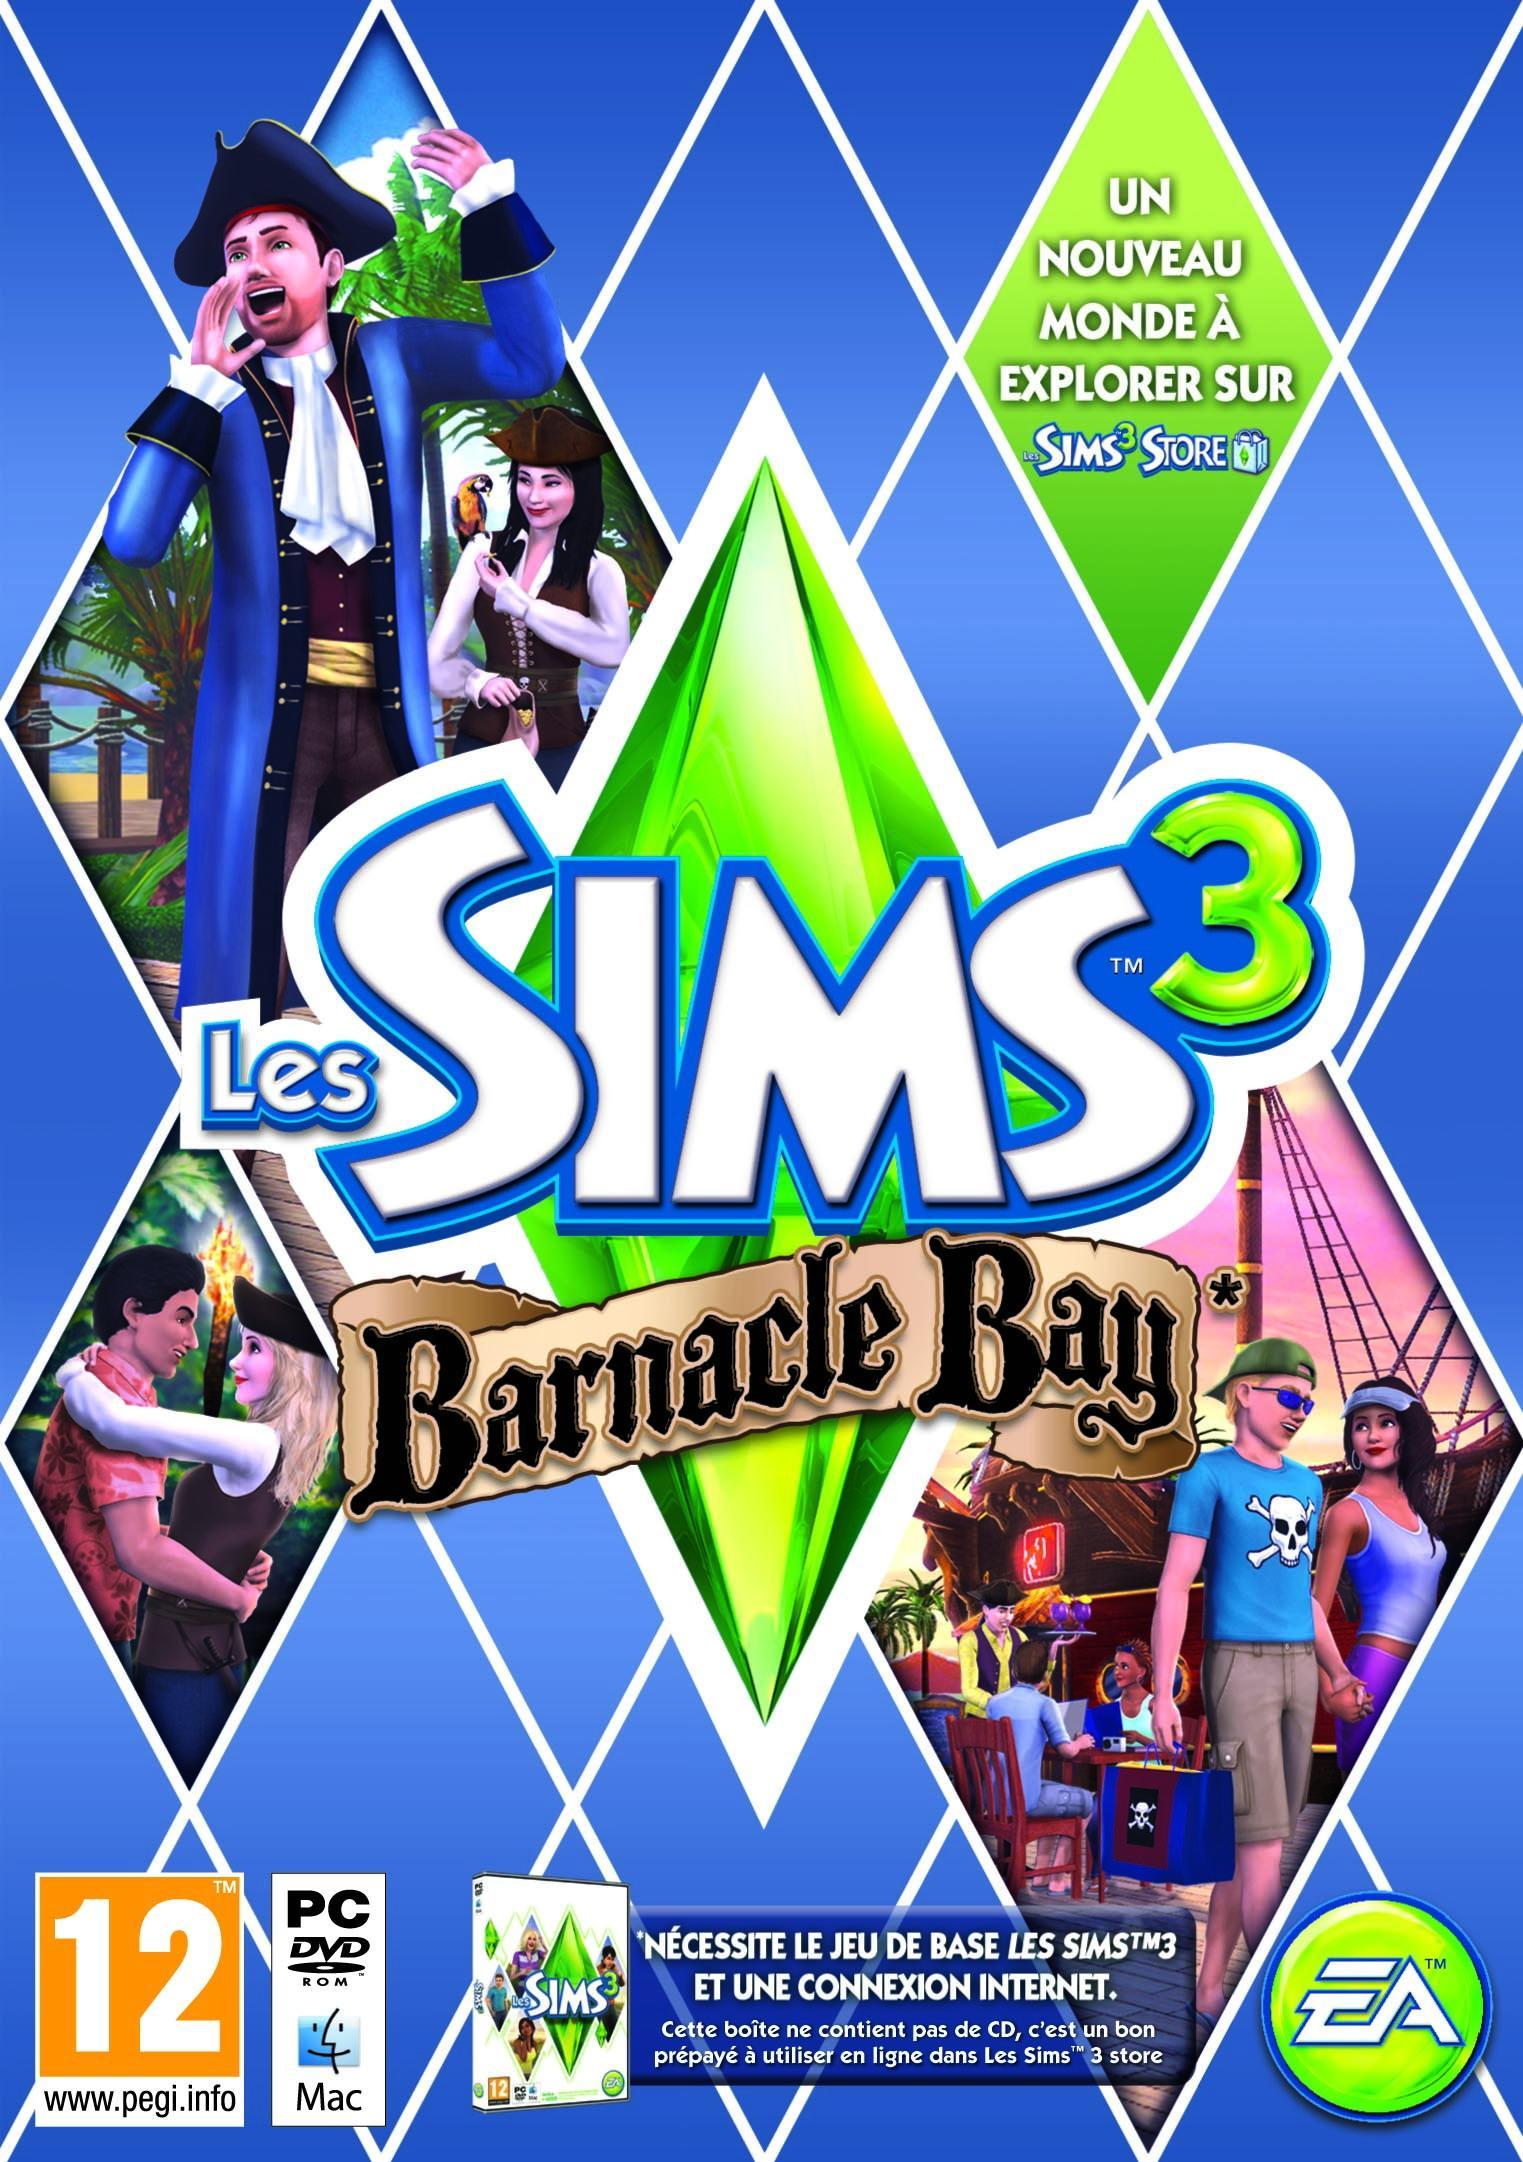 Les Sims 3: Barnacle Bay